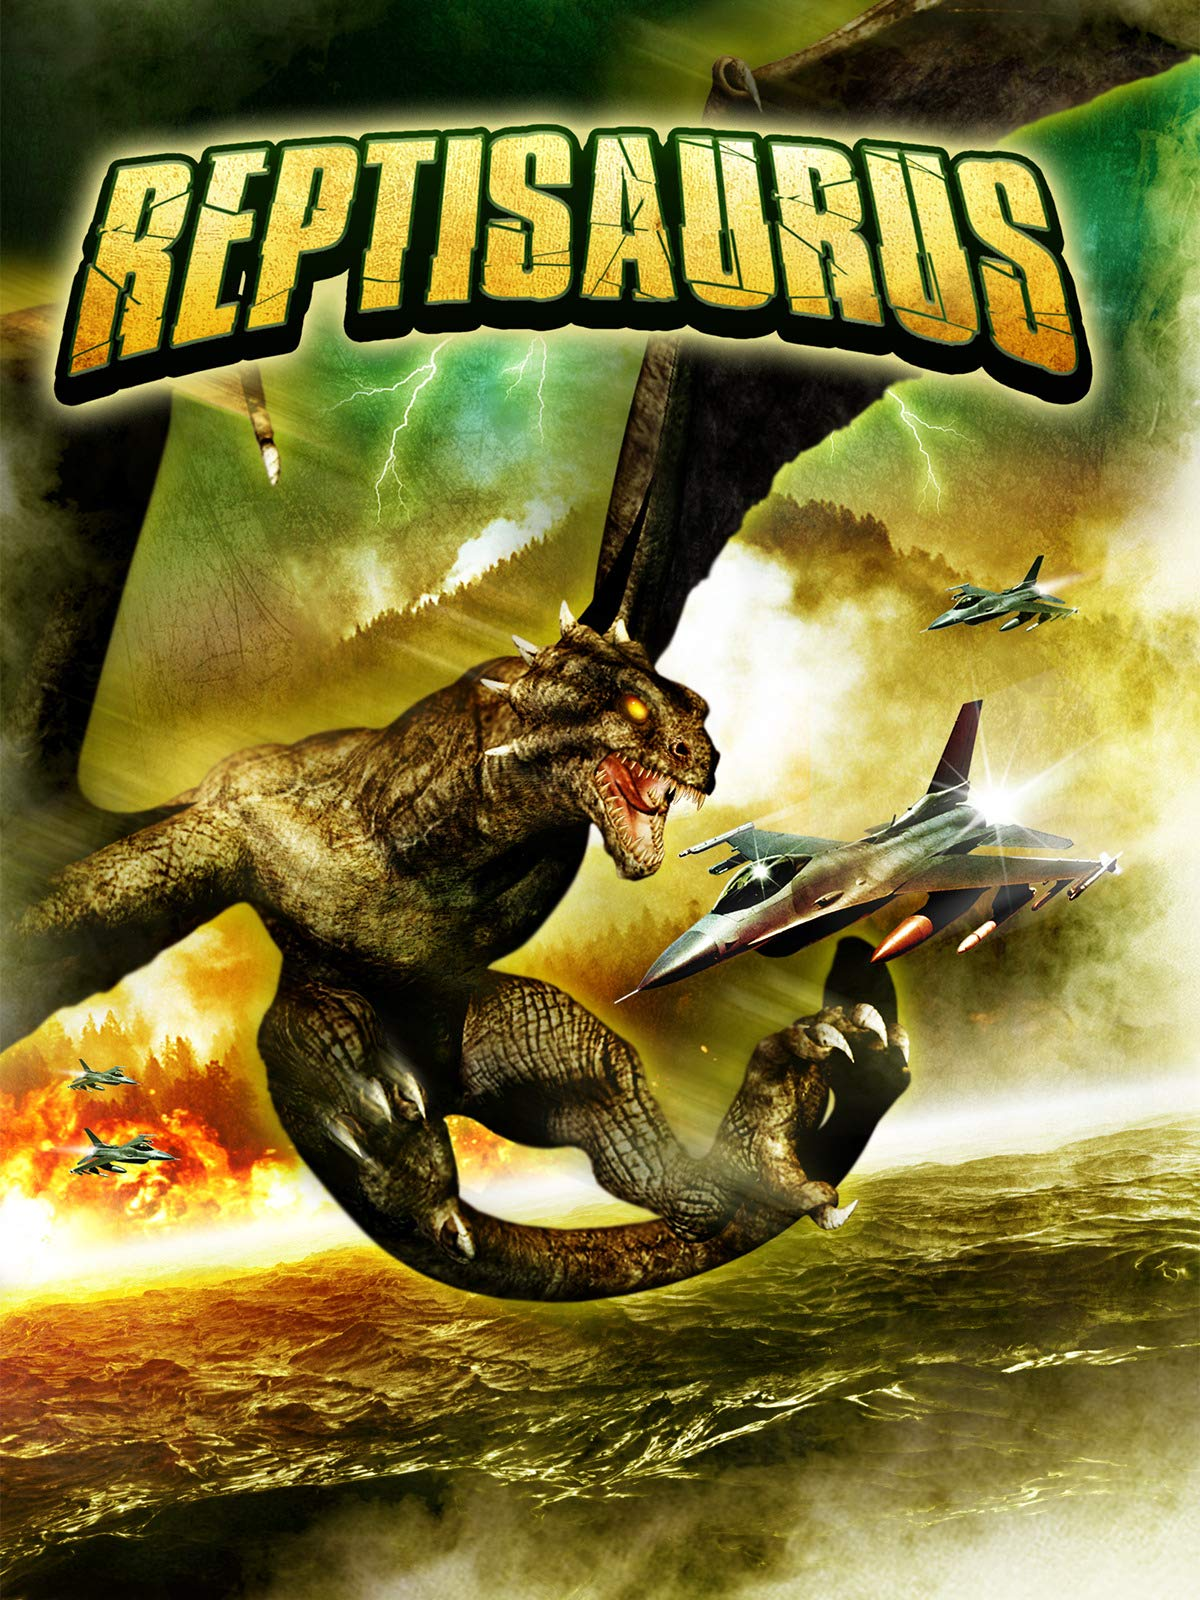 Reptisaurus